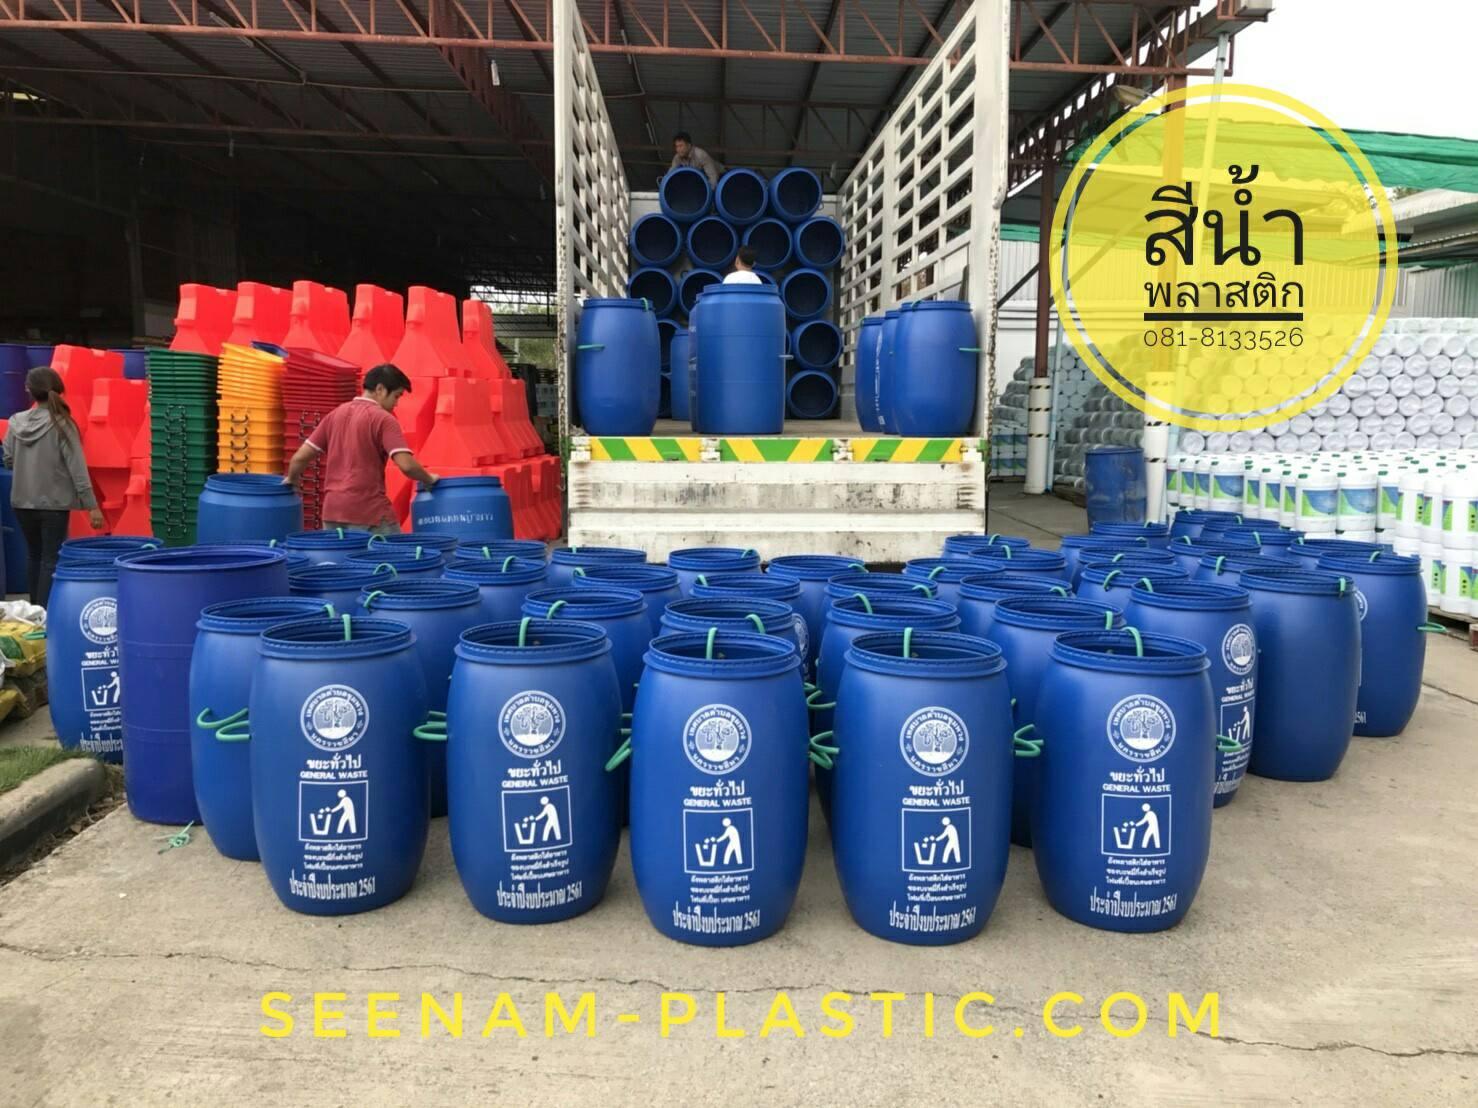 ถังขยะพลาสติก120ลิตร สีน้ำเงิน, ถังขยะพลาสติก ทรงกระบอก120ลิตร, ถังขยะเคมี120ลิตร สีน้ำเงิน, ถังขยะ120ลิตร ทรงกระบอก